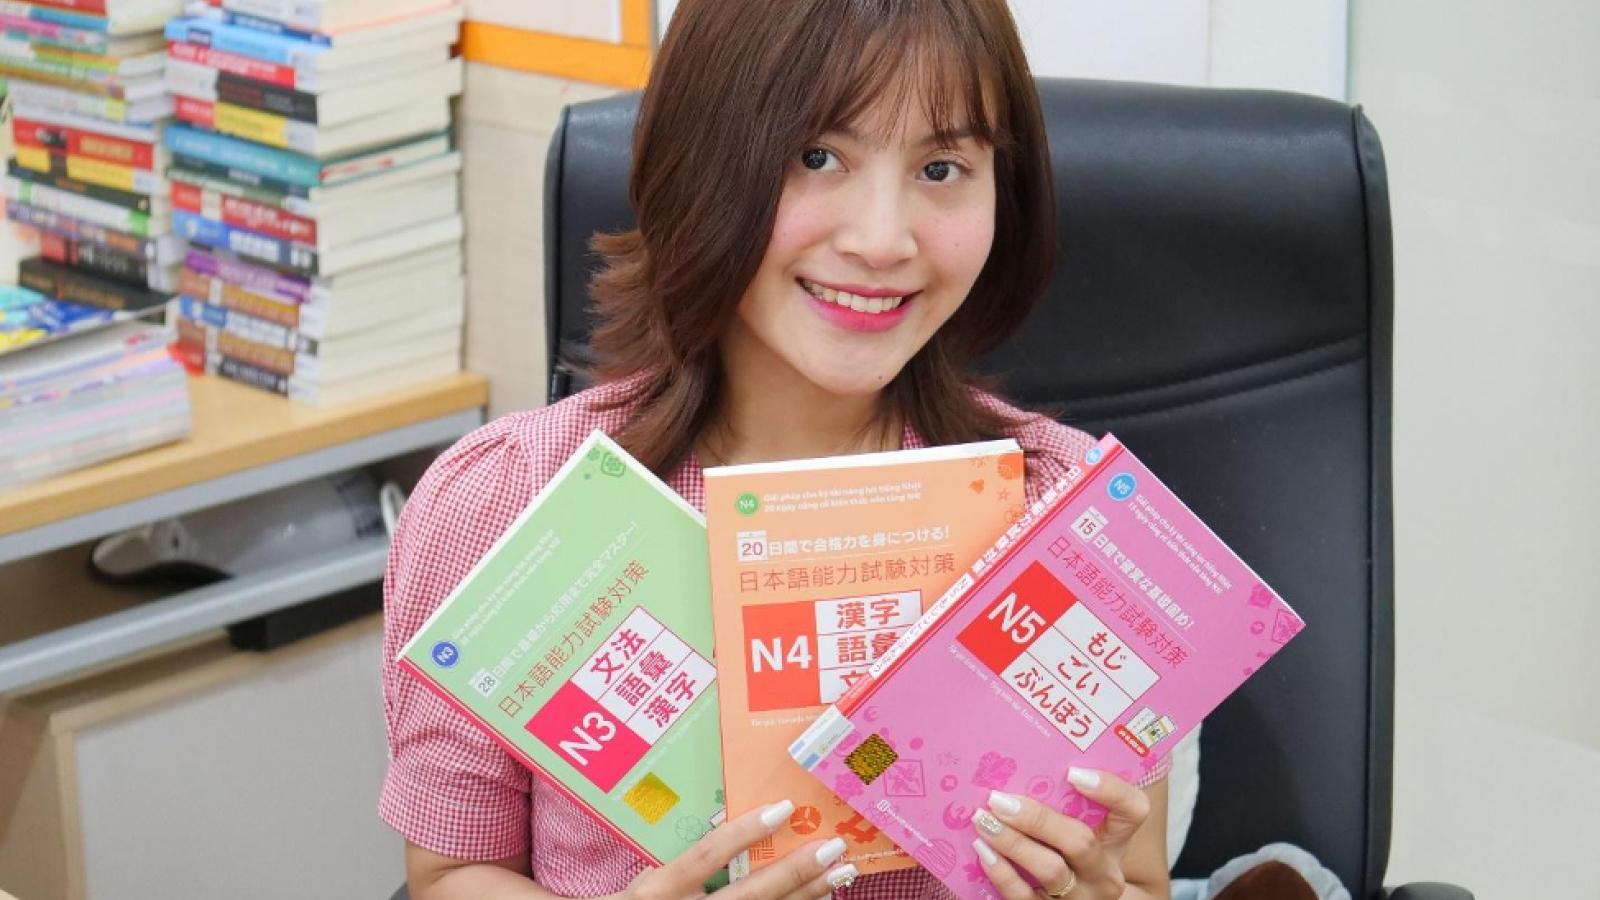 Ra mắt bộ sách giúp người học tiếng Nhật hiệu quả nhất